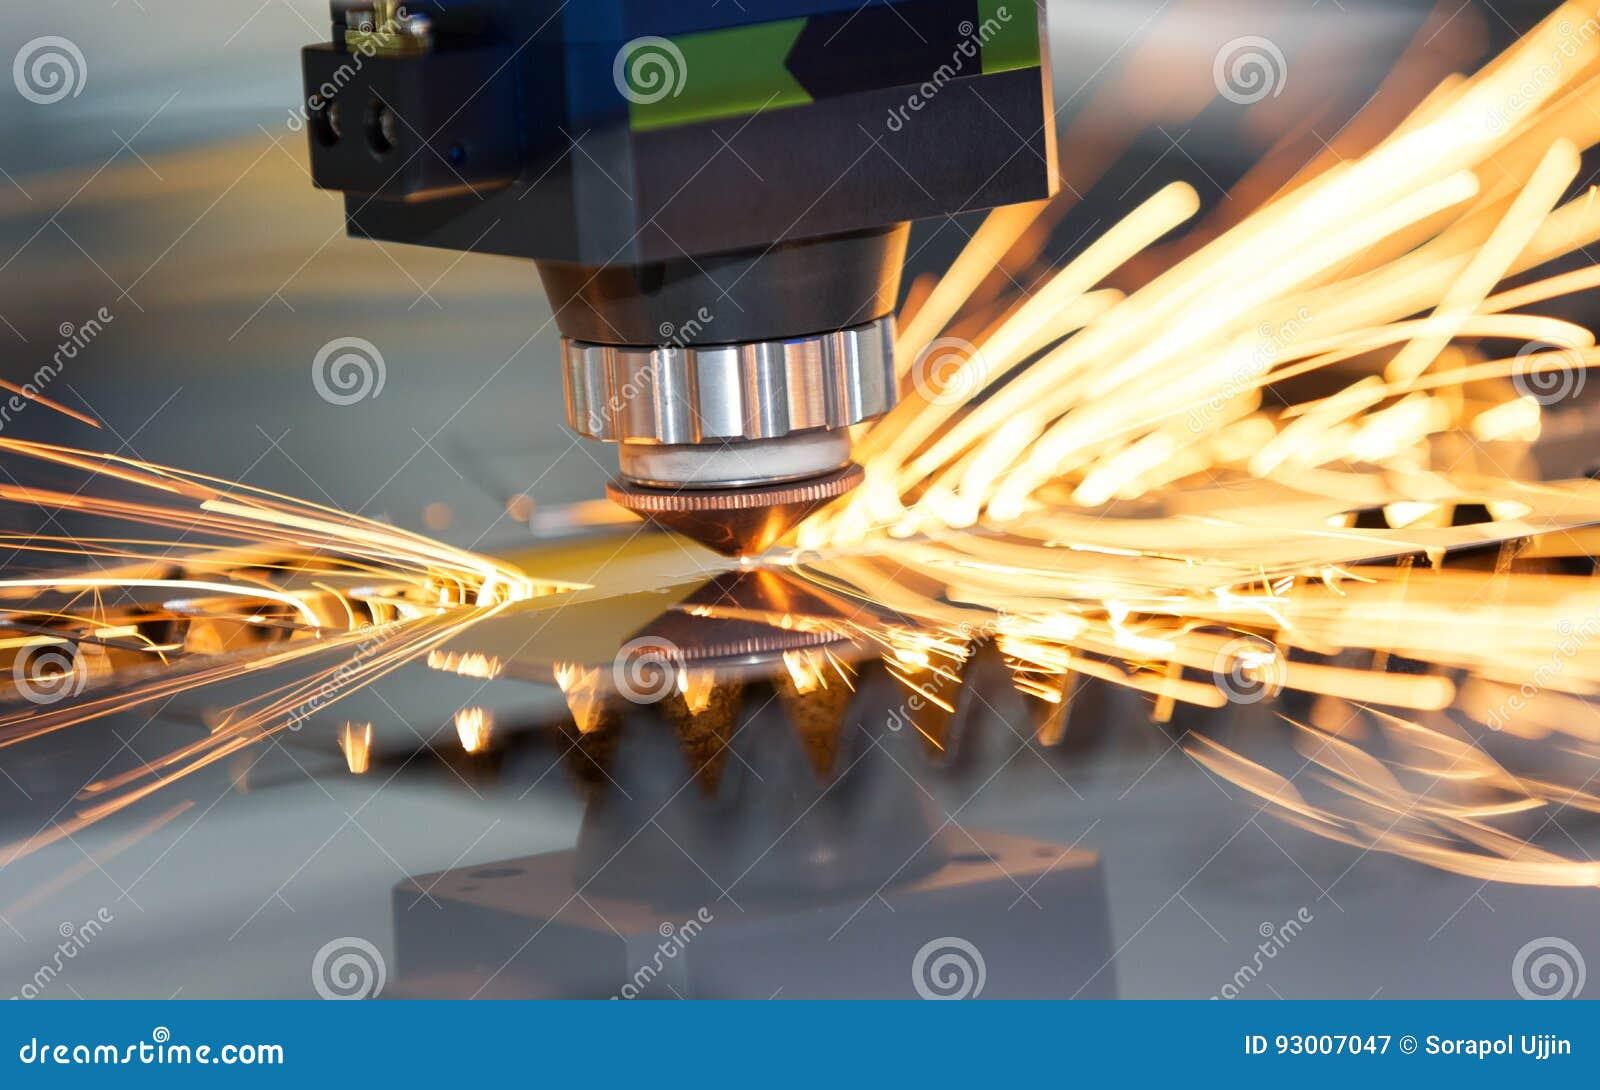 Folha de metal da soldadura do laser do CNC da elevada precisão